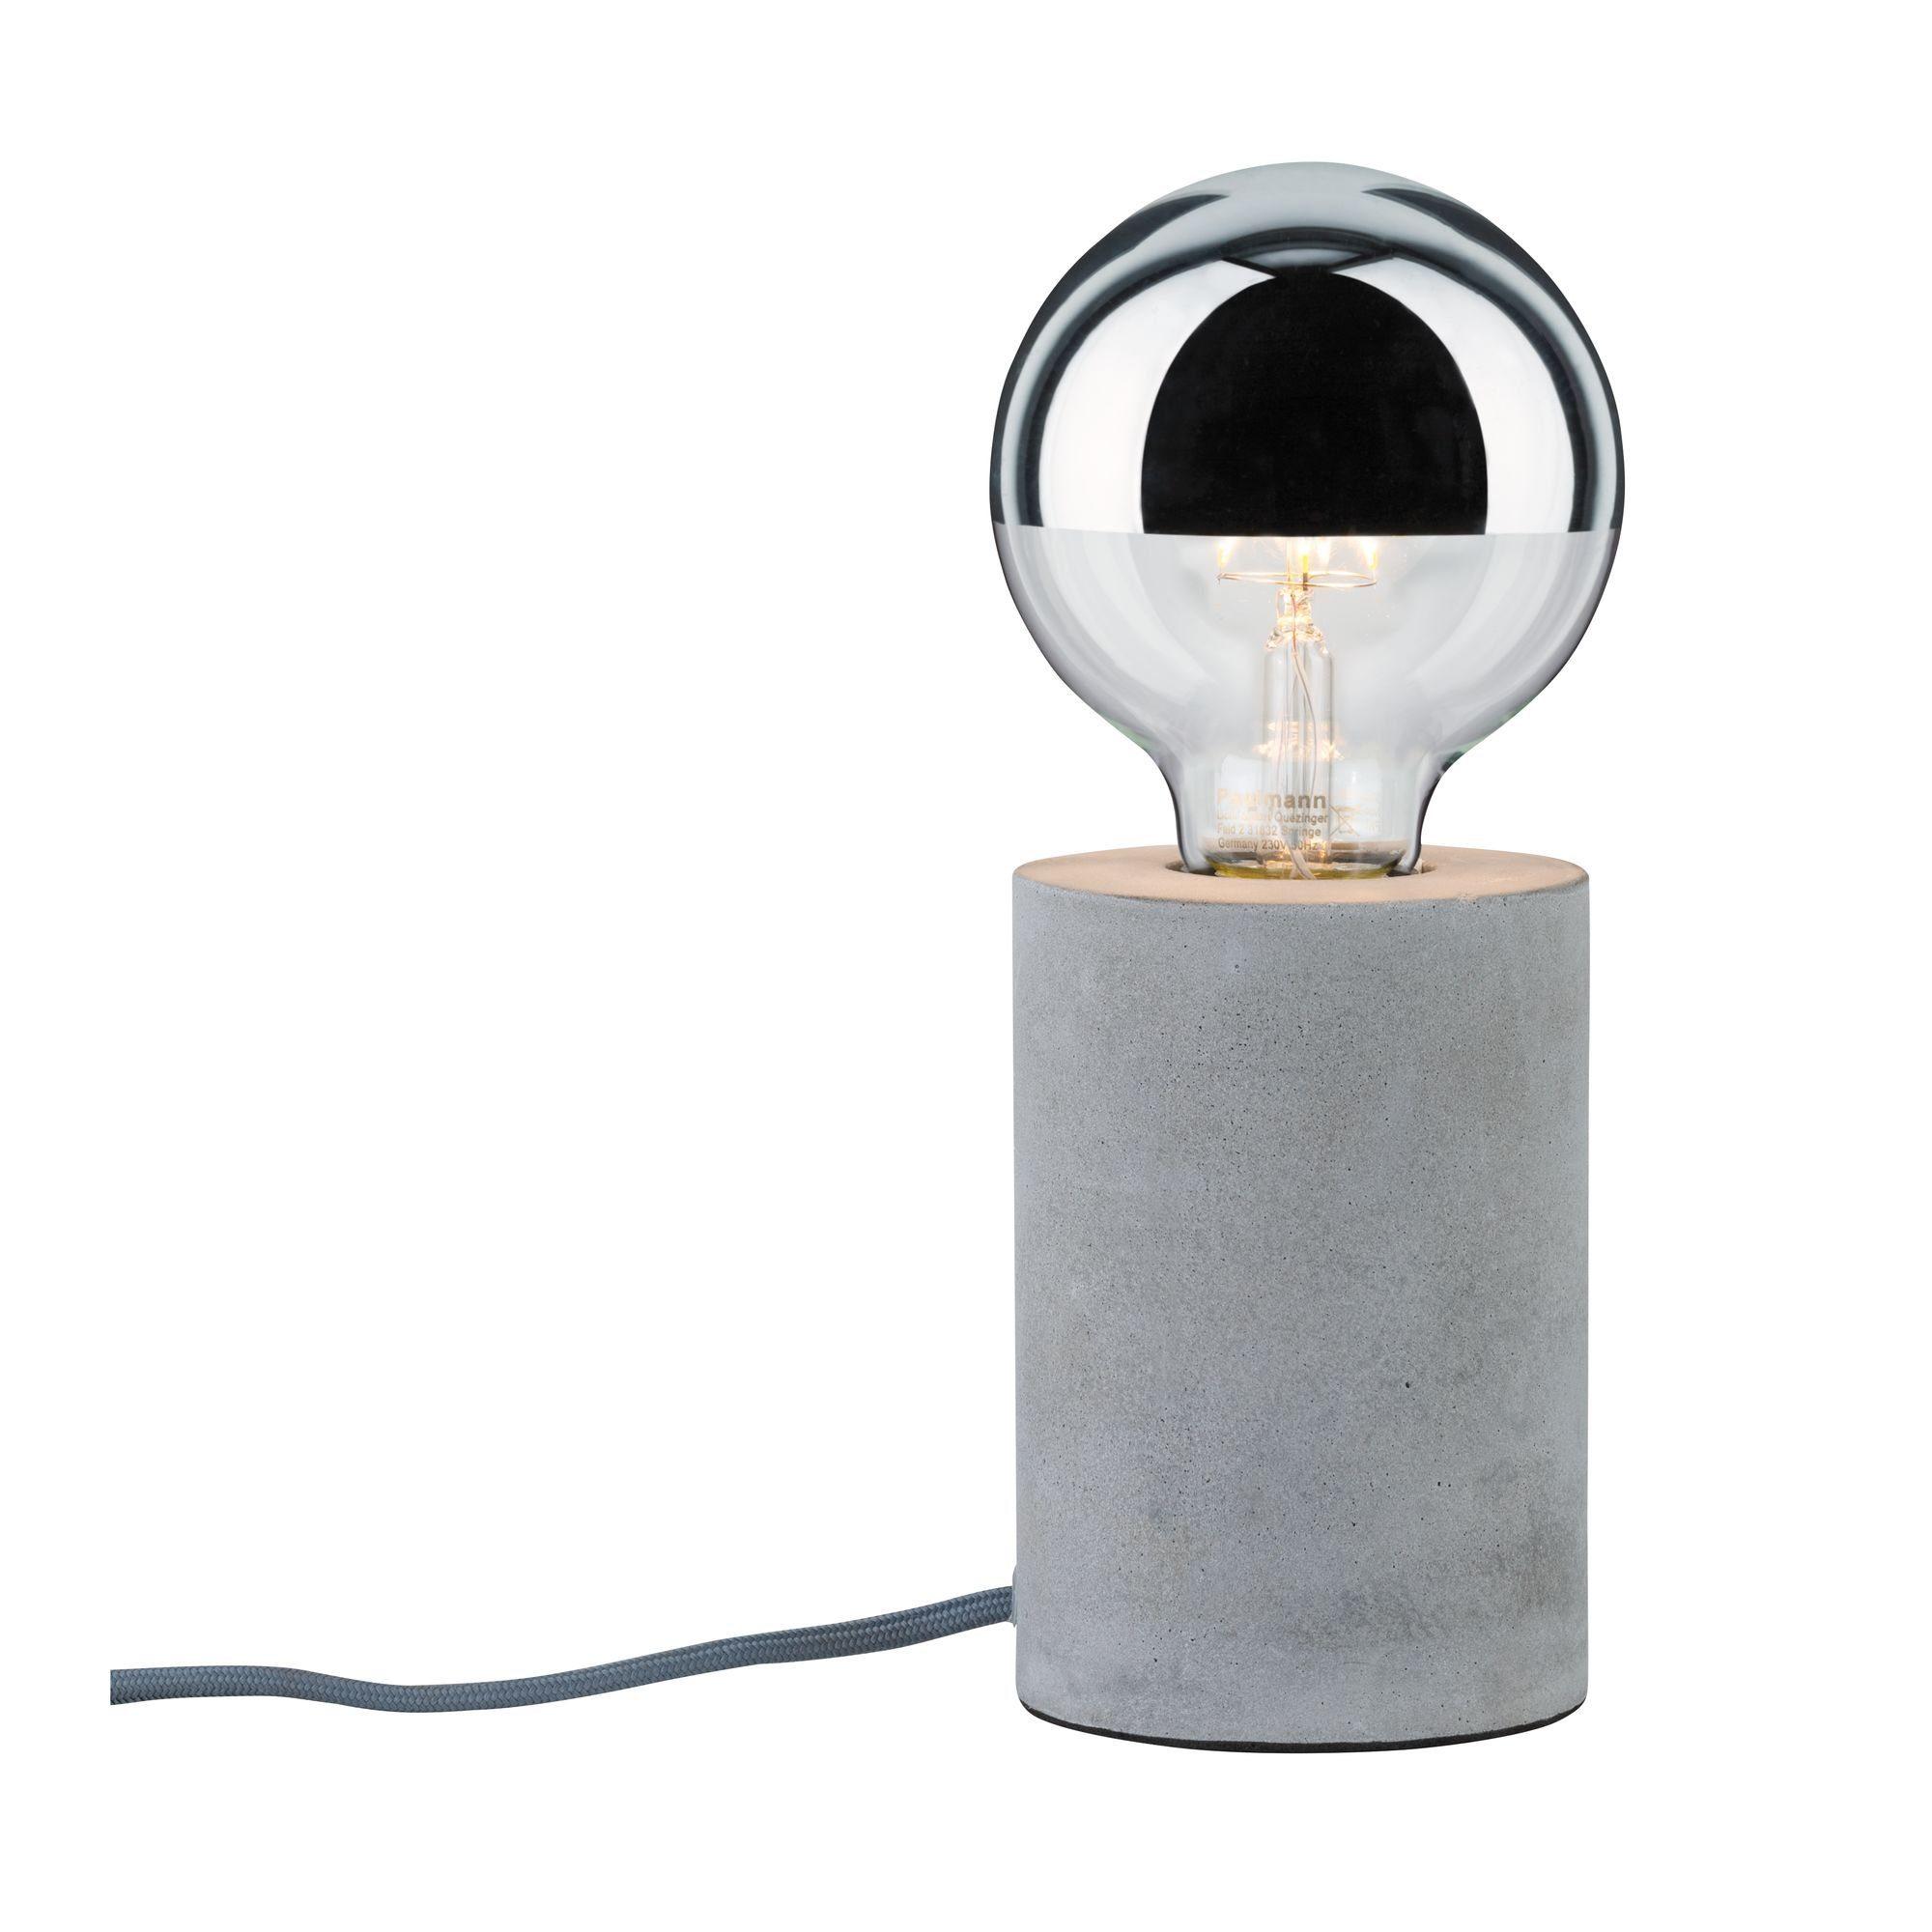 Paulmann LED Tischleuchte Neordic Mik Beton, E27, 1 St.